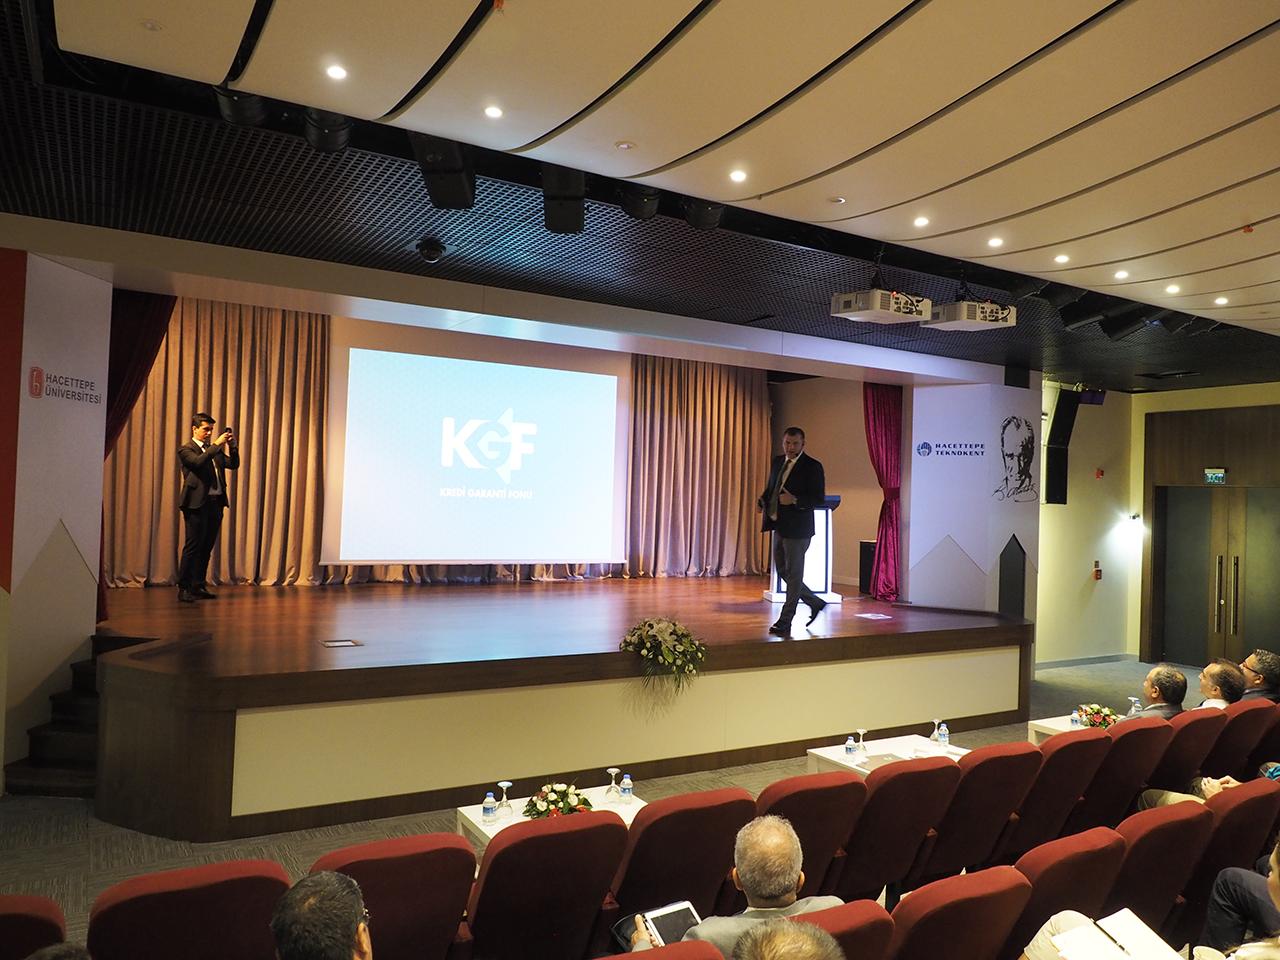 Kgf ve Kosgeb Kobigel Çağrısı Bilgilendirme Toplantısı Yapıldı